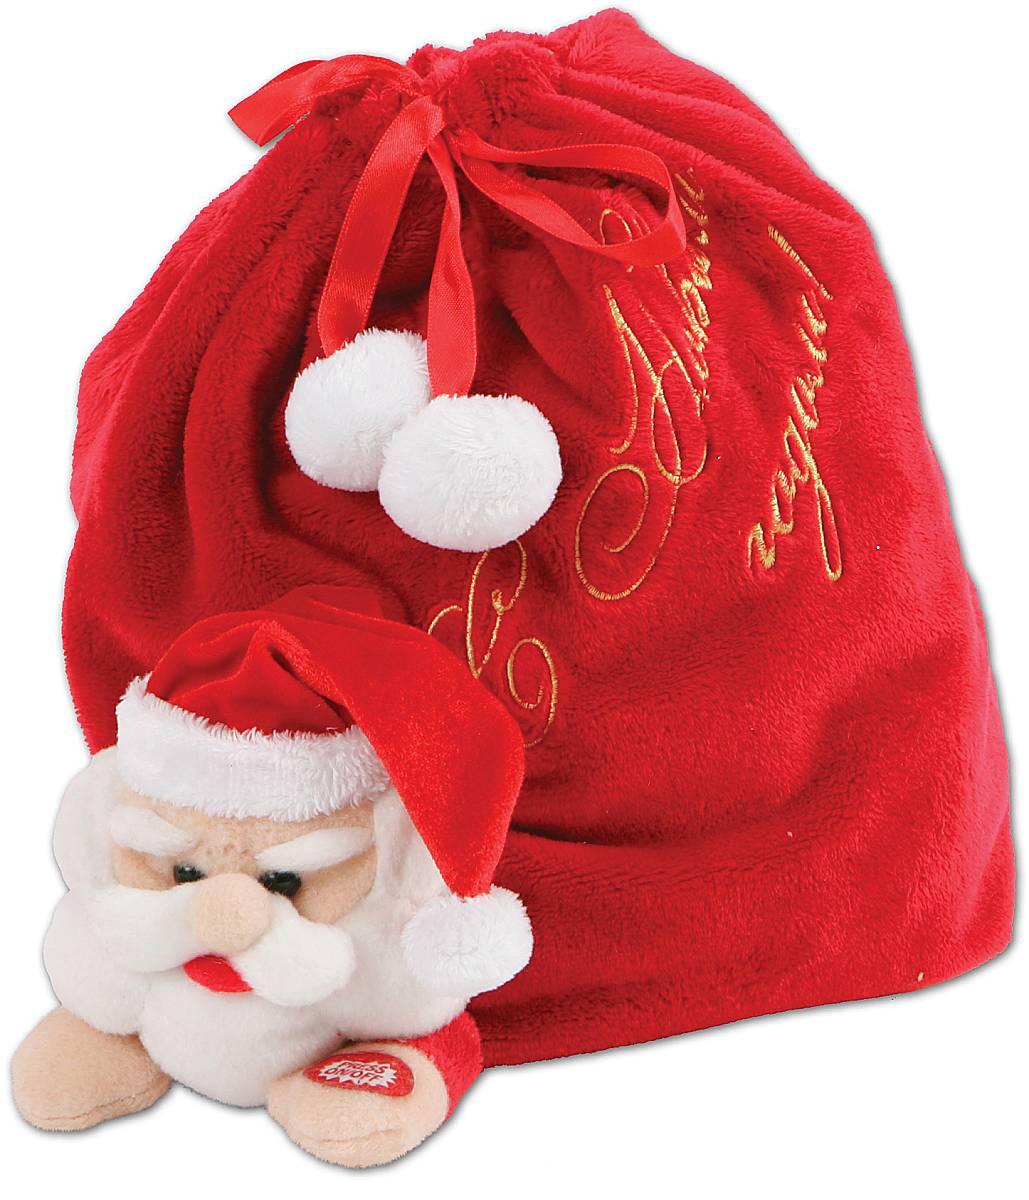 Мешок для подарков Mister Christmas С Новым годом, длина 22 смNLED-454-9W-BKКупили новогодний подарок, но не знаете, как его упаковать? Оригинальной упаковкой станет новогодний музыкальный мешок для подарков Mister Christmas С Новым годом. Он уже выглядит как подарок благодаря своей функциональности. Он представляет собой композицию: Дед Мороз, который несет огромный мешок с подарками. А если пожать руку Дедушке Морозу, то он начнет издавать забавные звуки. Музыкальный мешок сделан из качественного мягкого текстиля красного цвета, очень приятного на ощупь. Закрывается при помощи атласных тесемок, украшенных белыми пушистыми помпонами. Он напоминает плюшевую игрушку. Новогодний музыкальный мешок для подарков Mister Christmas подойдет для упаковки небольших символических или весьма дорогих сюрпризов. Получить подарок в такой уникальной и модной упаковке будет приятно как детям, так и взрослым. Никто не останется равнодушным и каждый обязательно будет тронут таким знаком внимания.